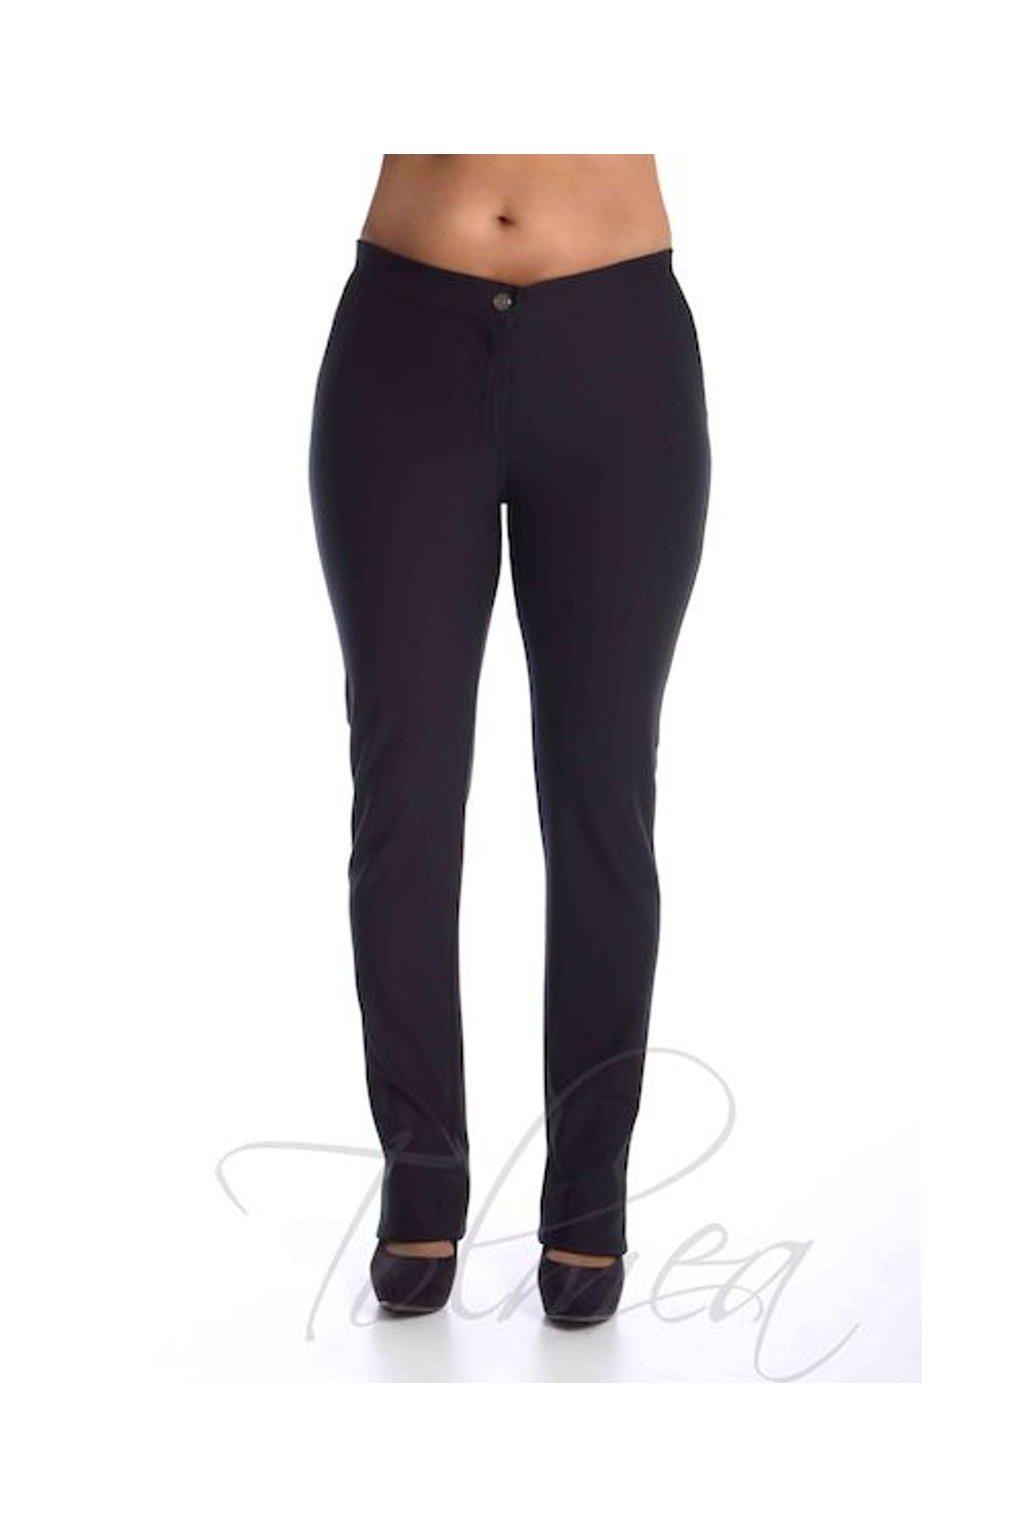 Kalhoty delux ZORA 54T (Velikost 36, Barva Černá)